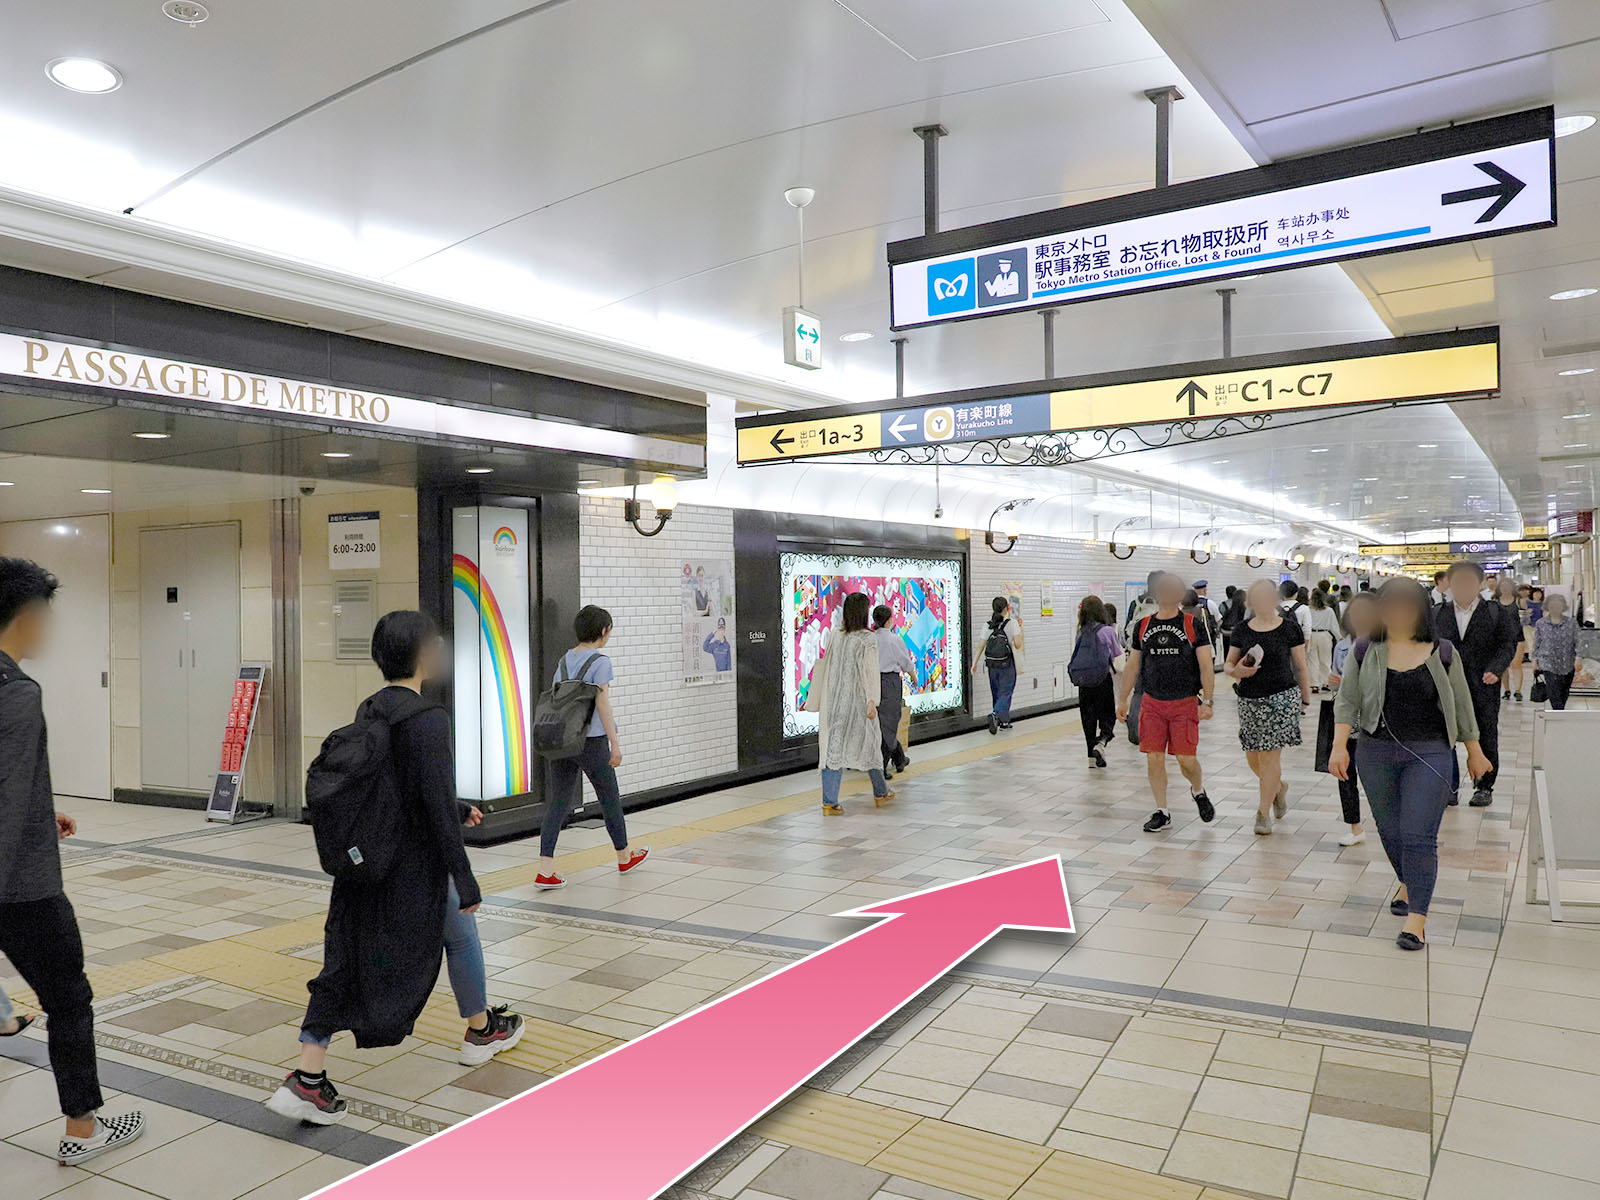 東京中央美容外科池袋西口院C2出口ルート03